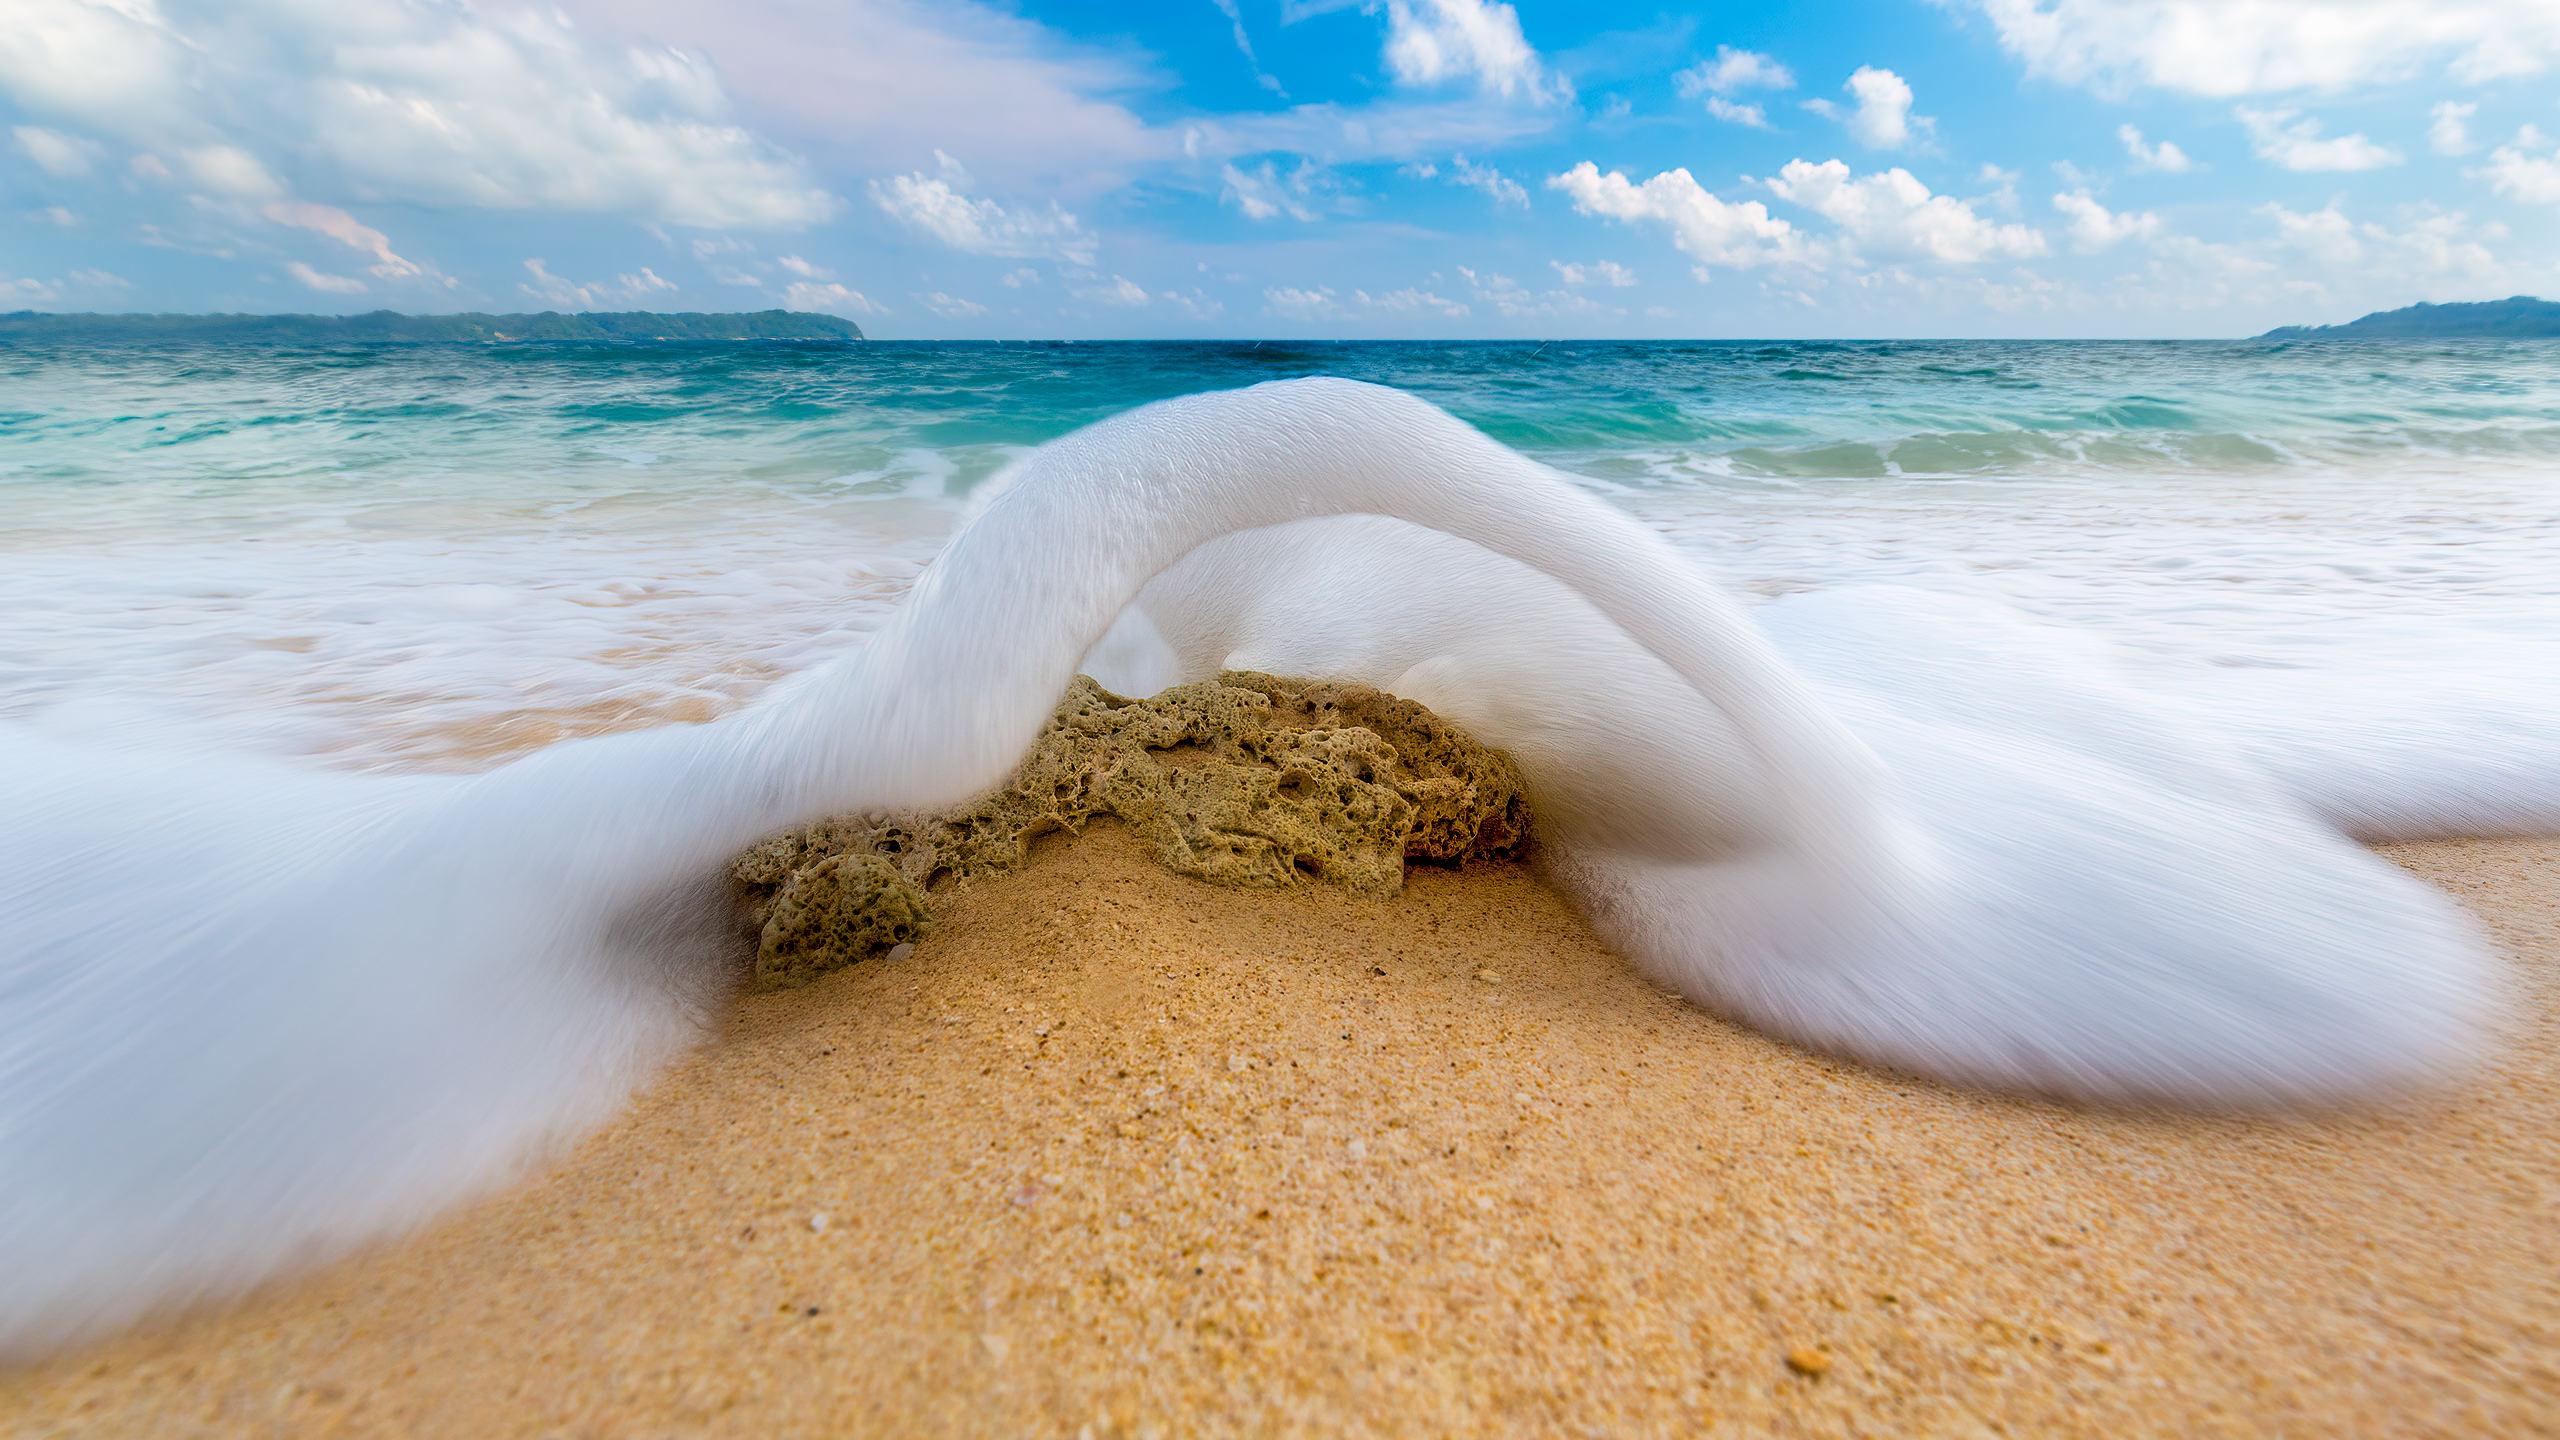 Andaman Sea India by Arindam Bhattacharya